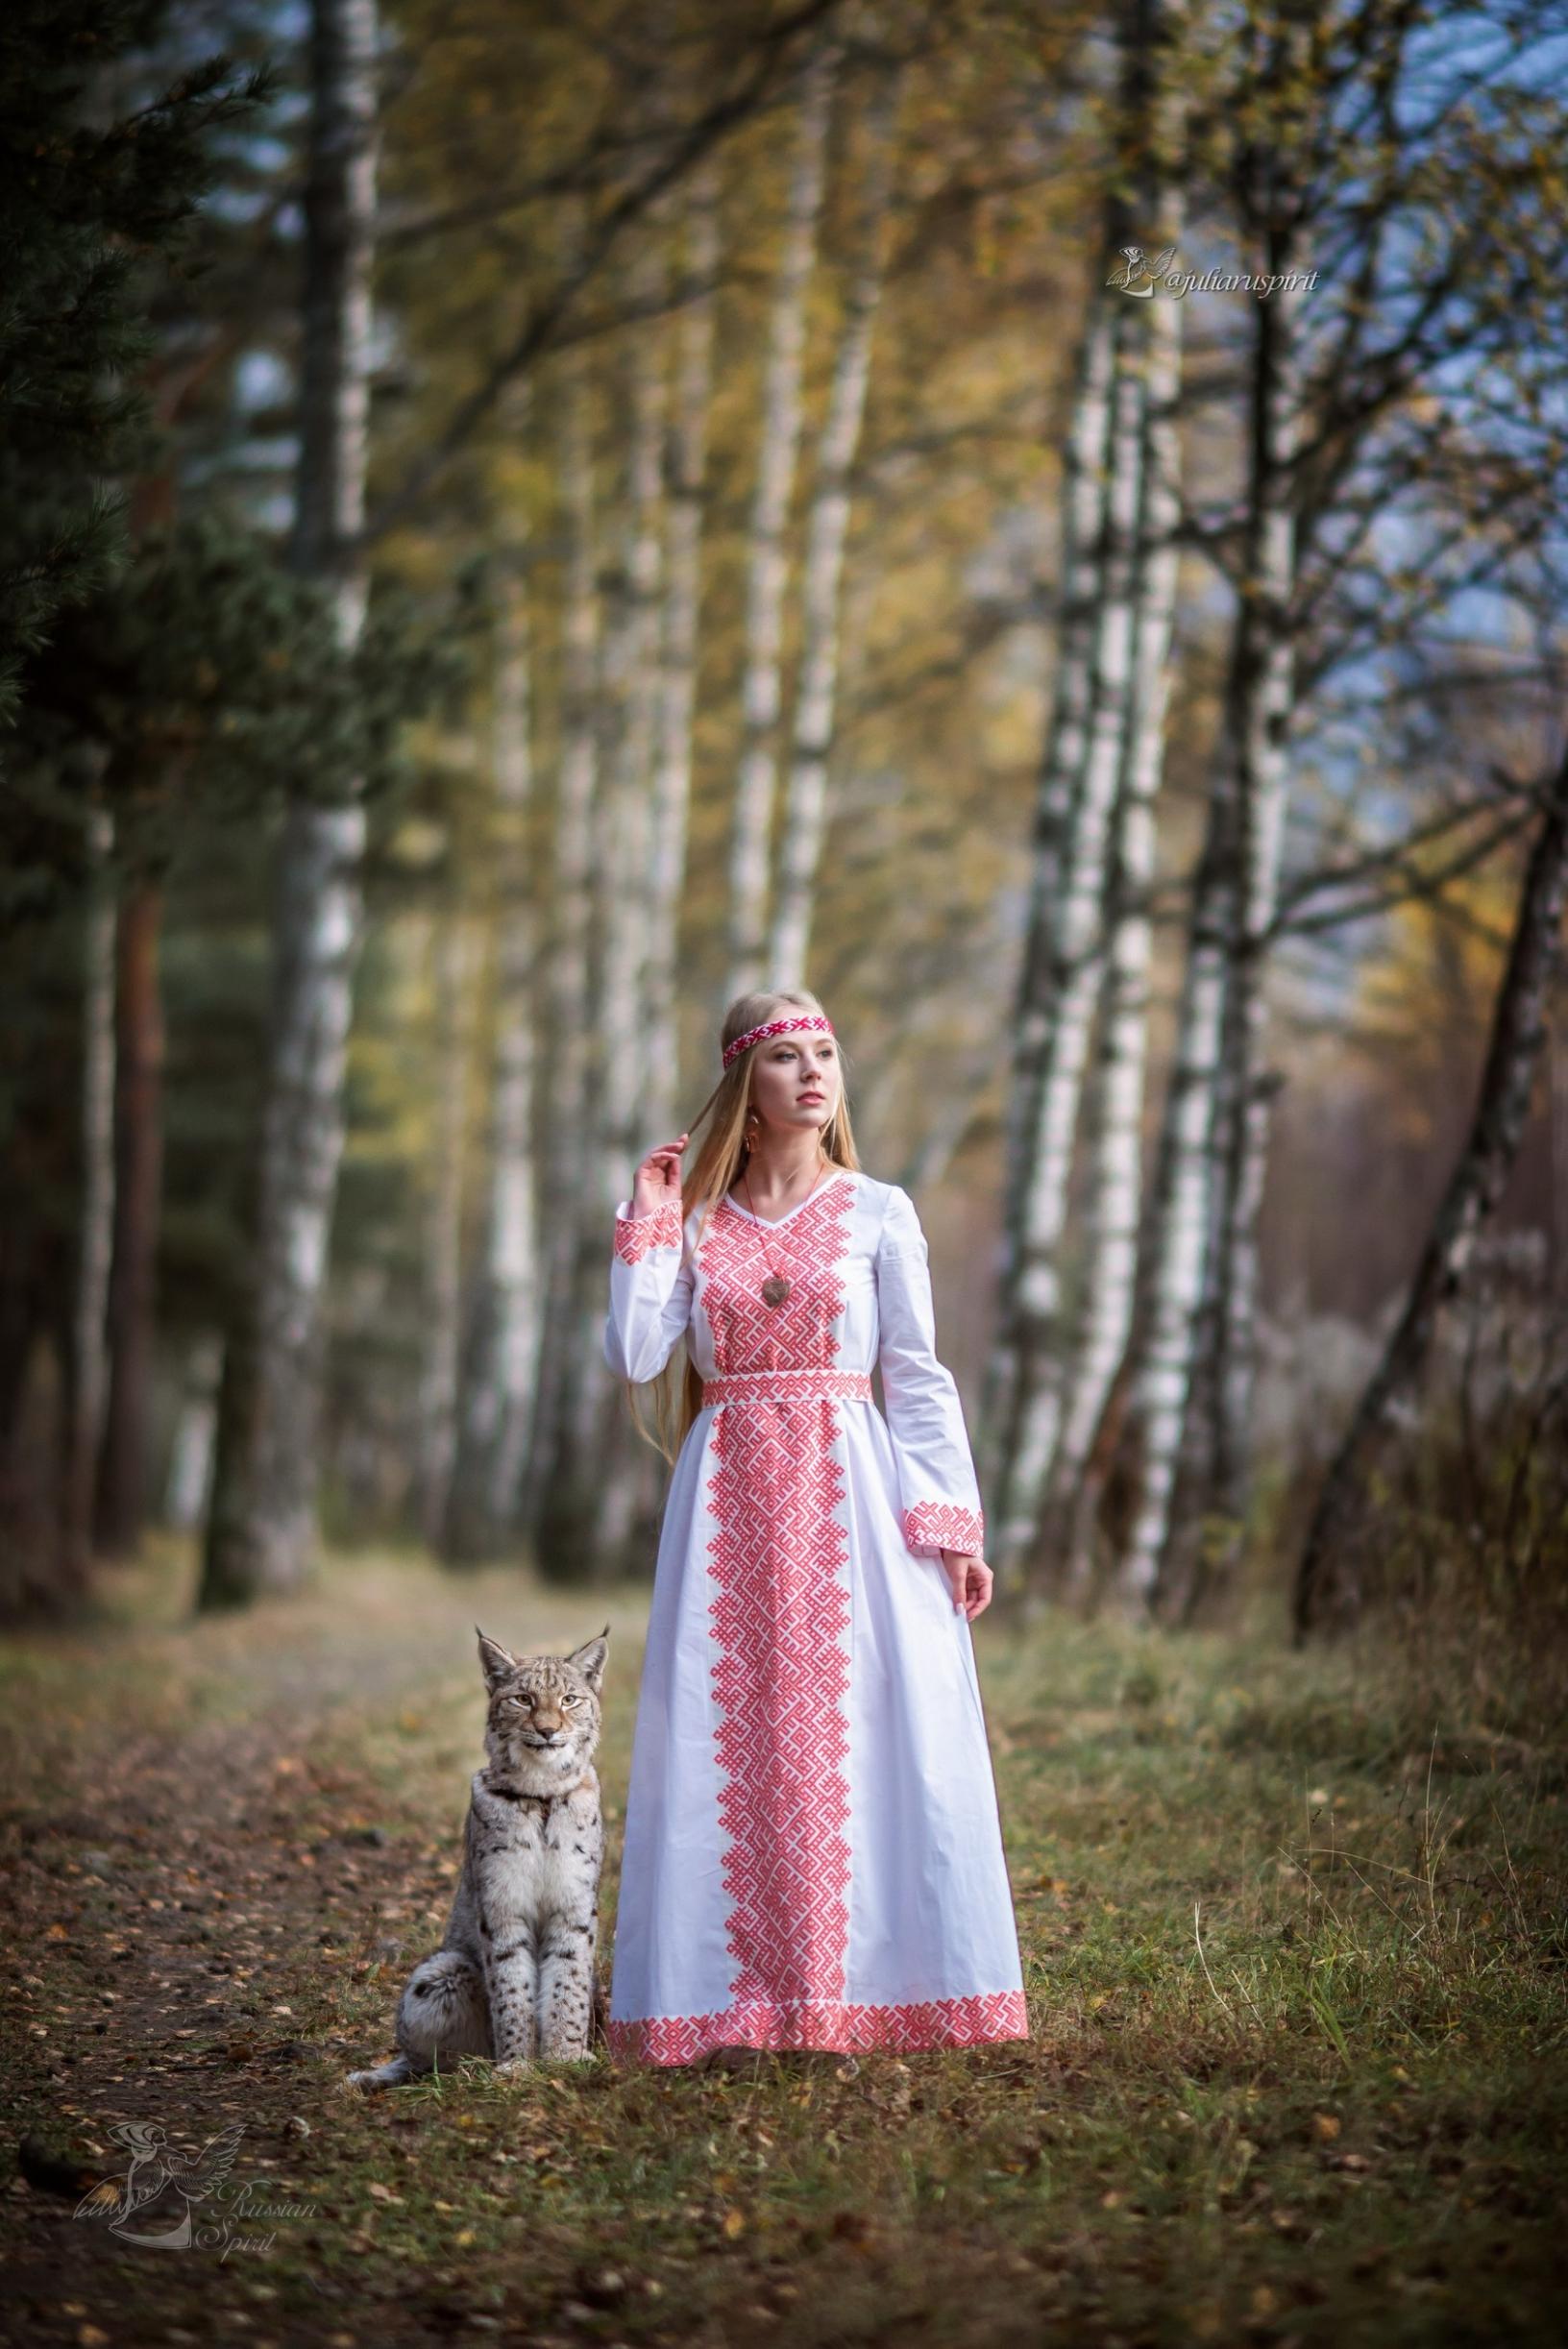 девушка в платье со славянским орнаментом  в березовой аллее